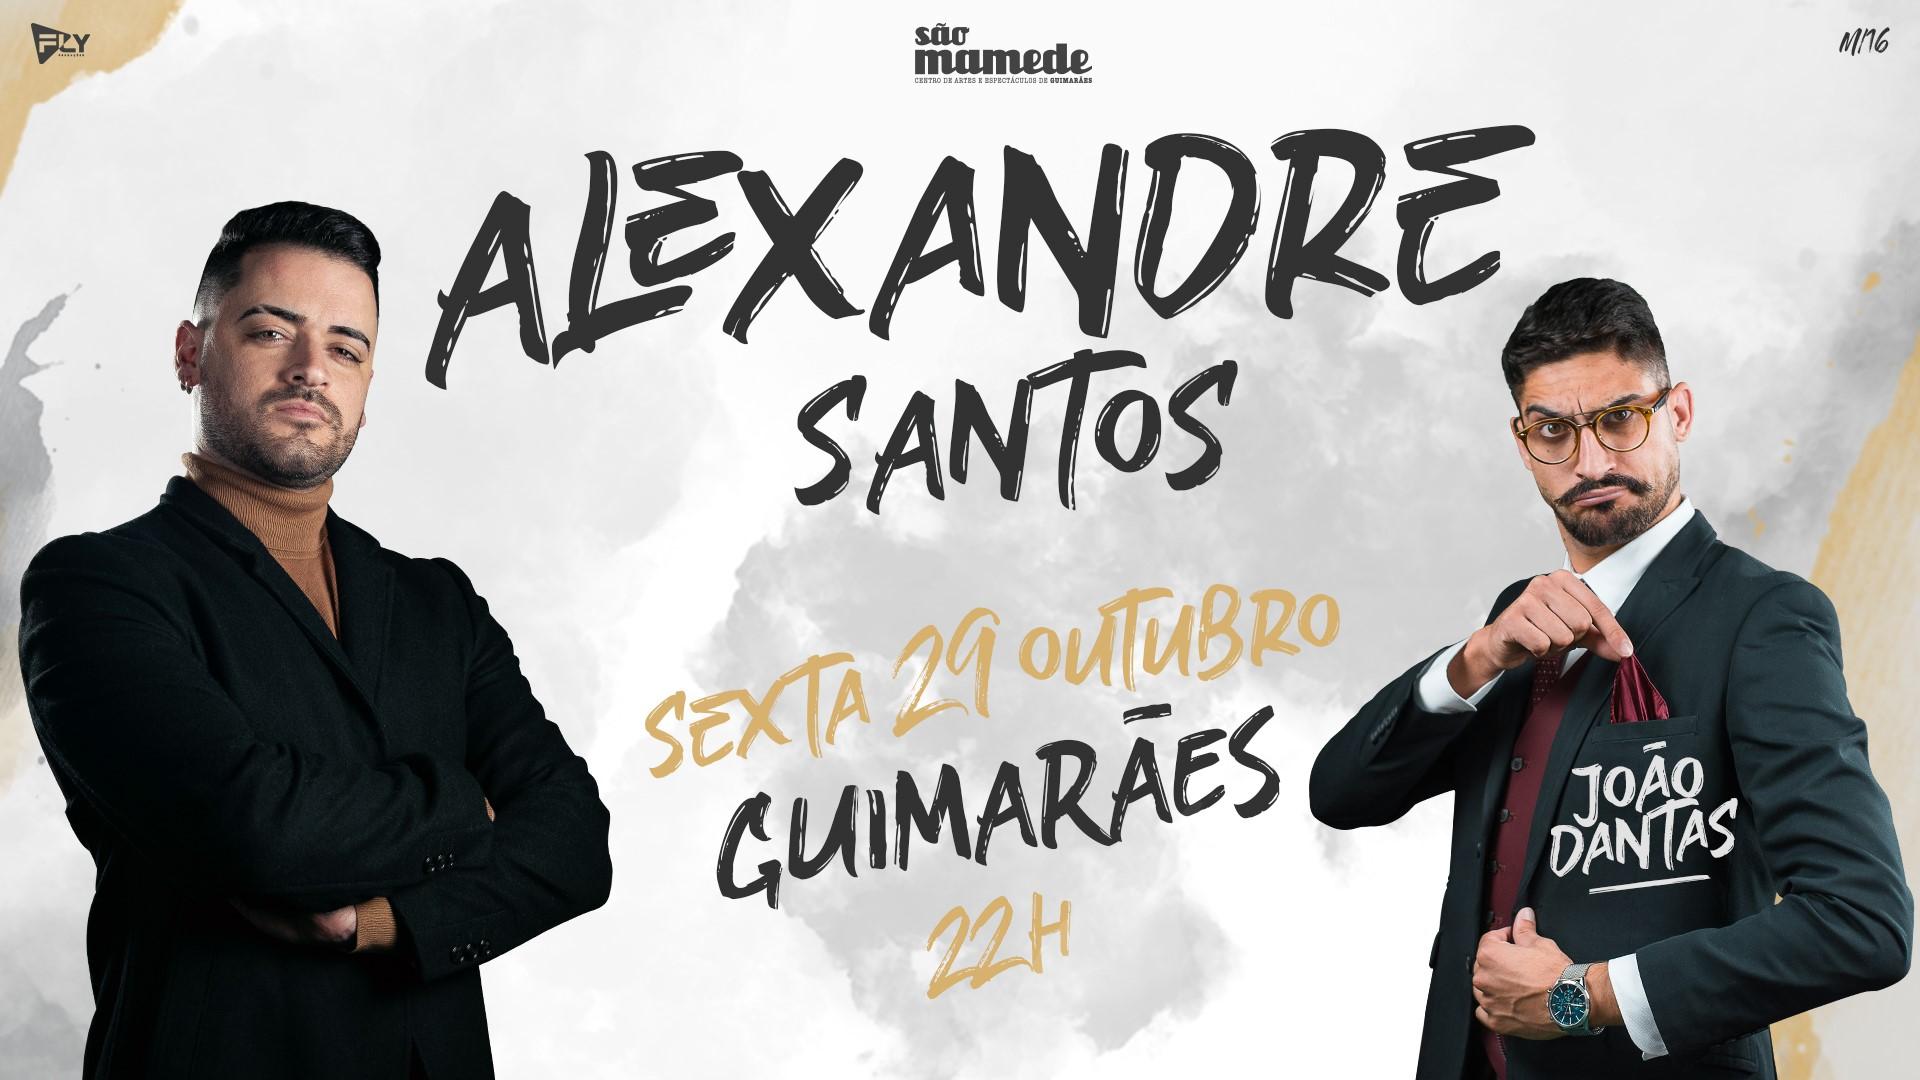 ALEXANDRE SANTOS & JOÃO DANTAS